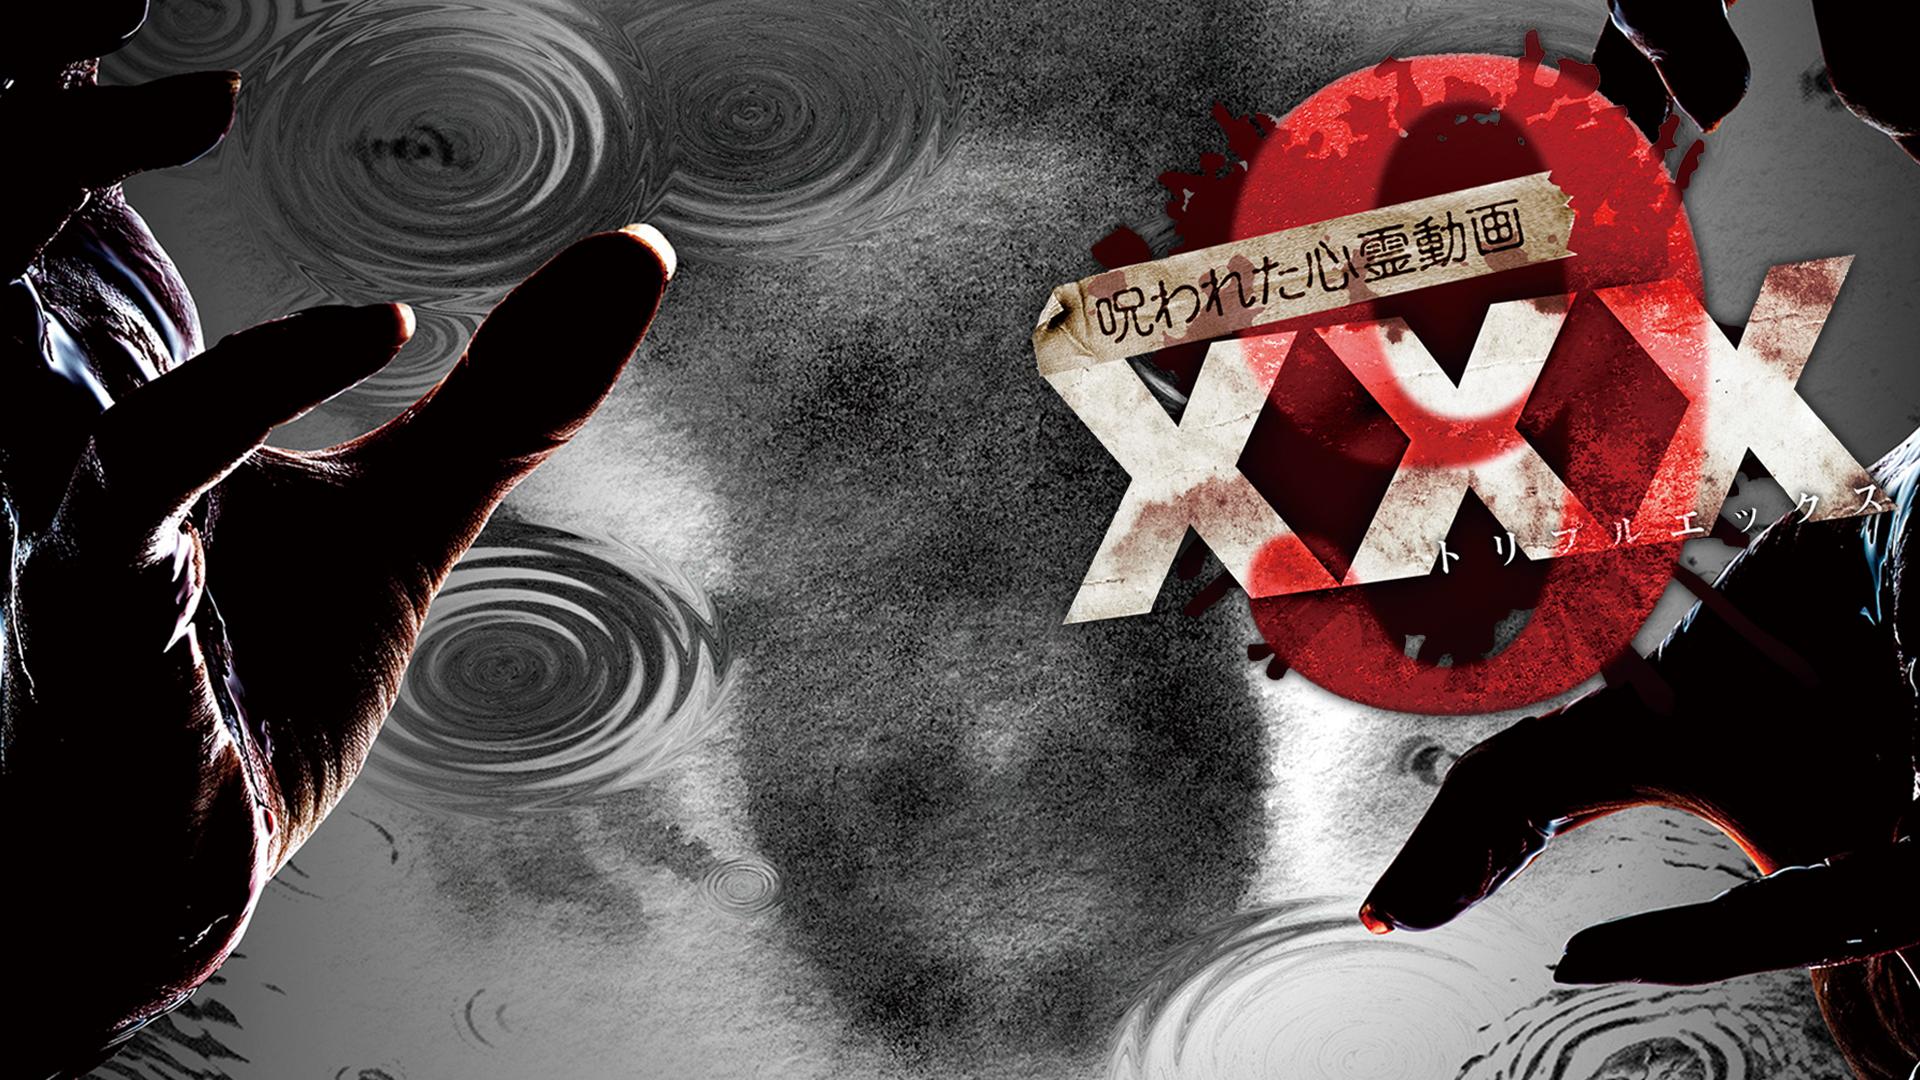 呪われた心霊動画 XXX(トリプルエックス)9